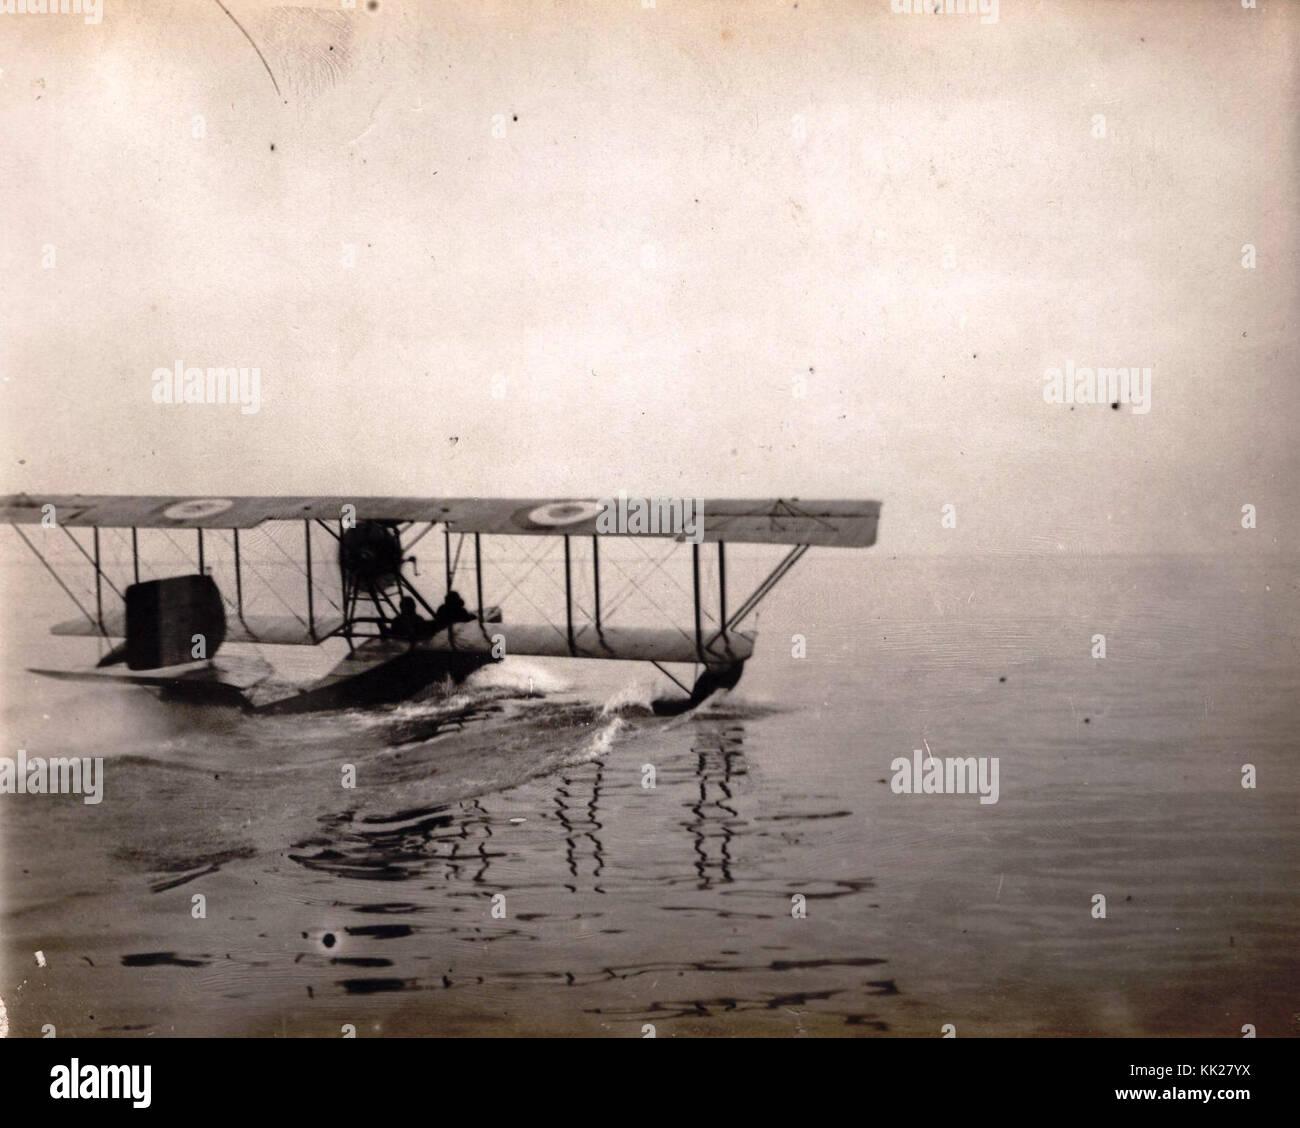 Hidro avion vo Solunsko pristaniste Imagen De Stock